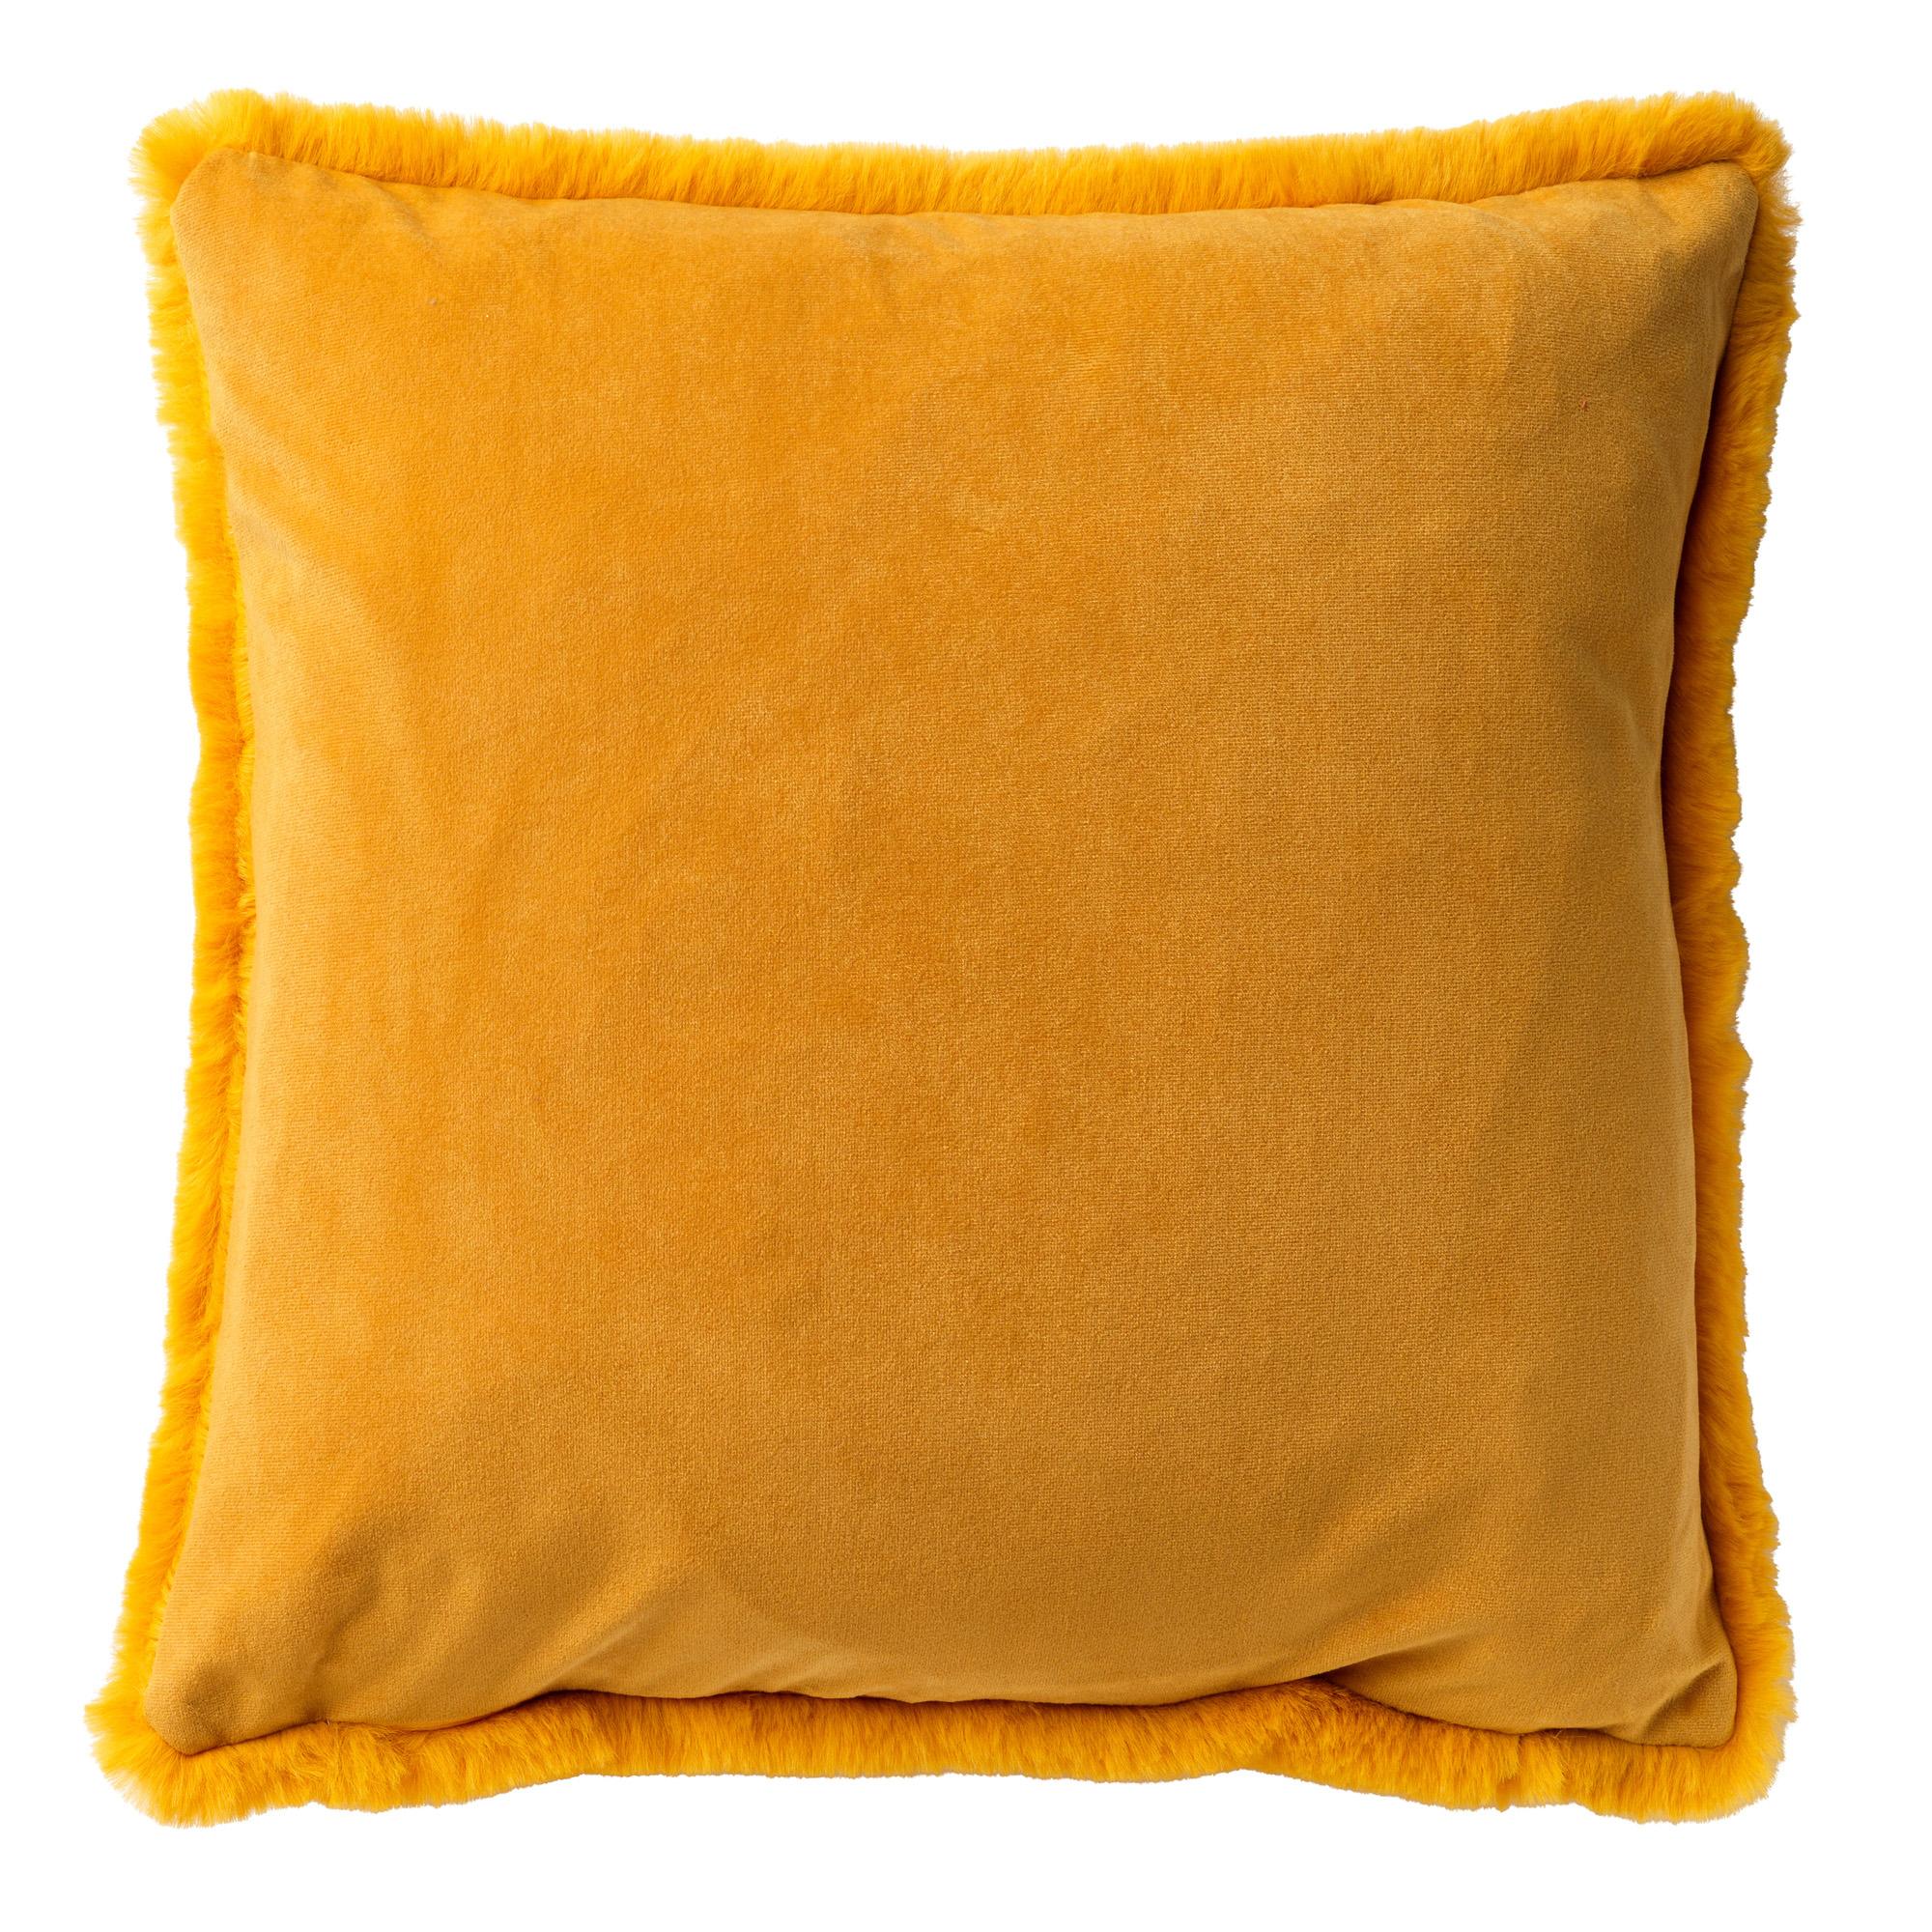 ZAYA - Sierkussen met imitatiebont Golden Glow 45x45 cm